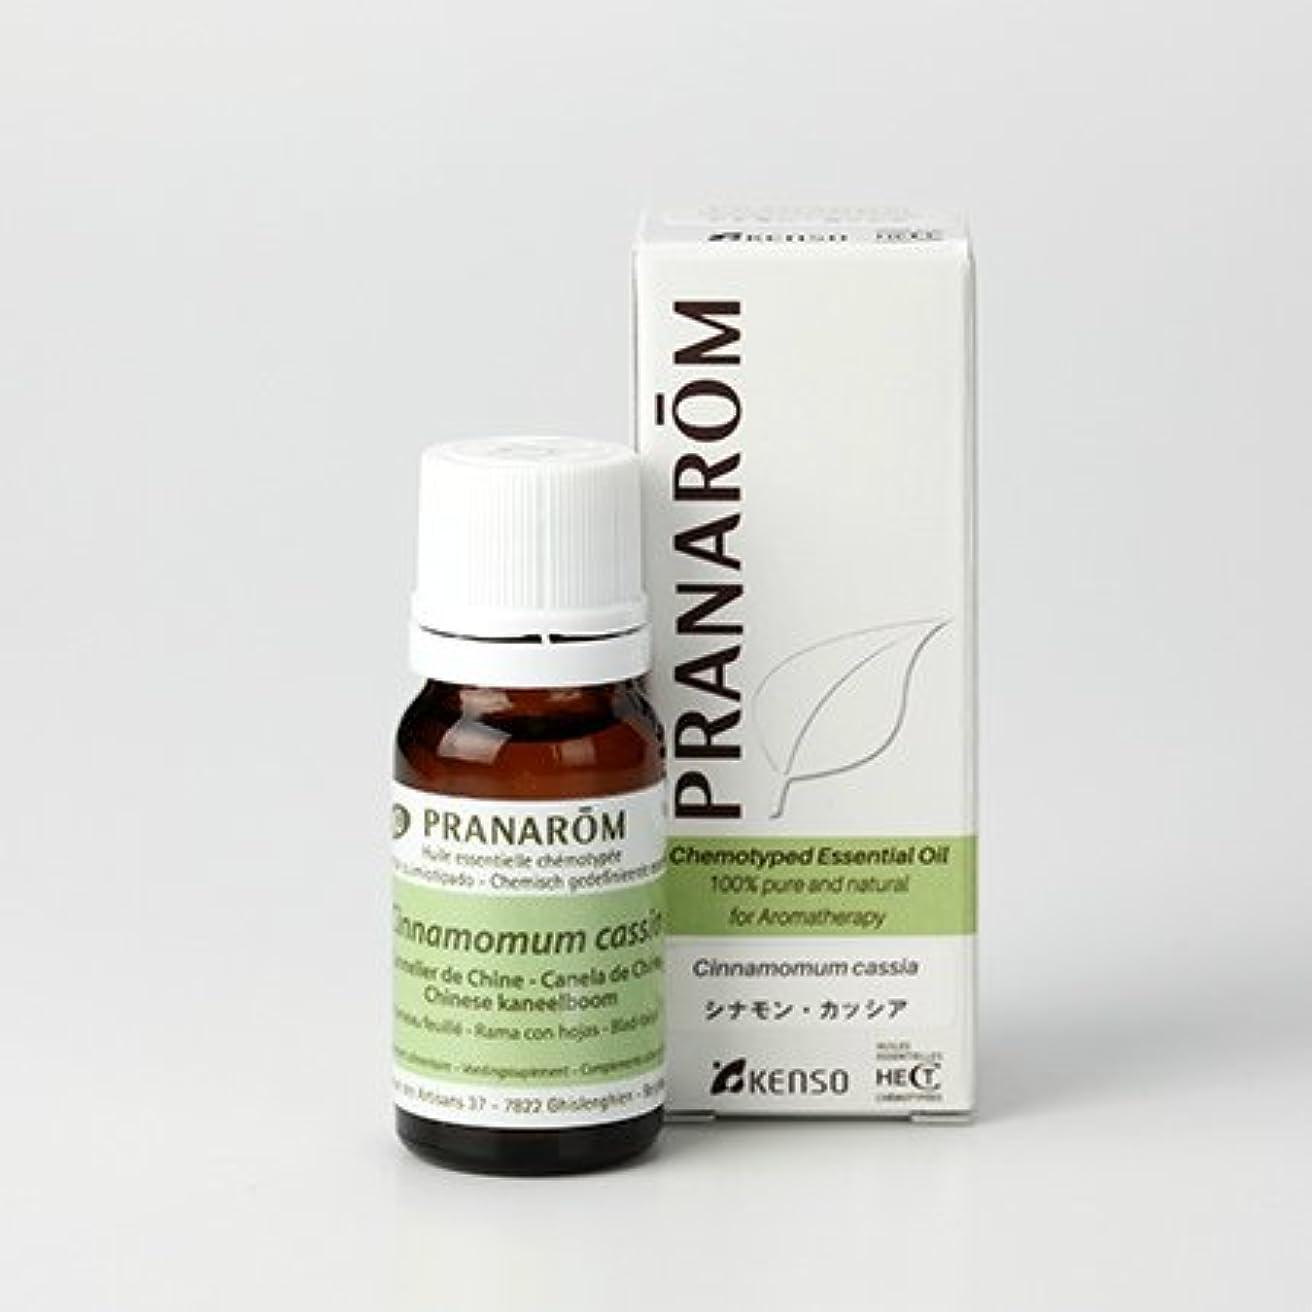 が欲しいマットレス魅惑的なプラナロム シナモンカッシア 10ml (PRANAROM ケモタイプ精油)